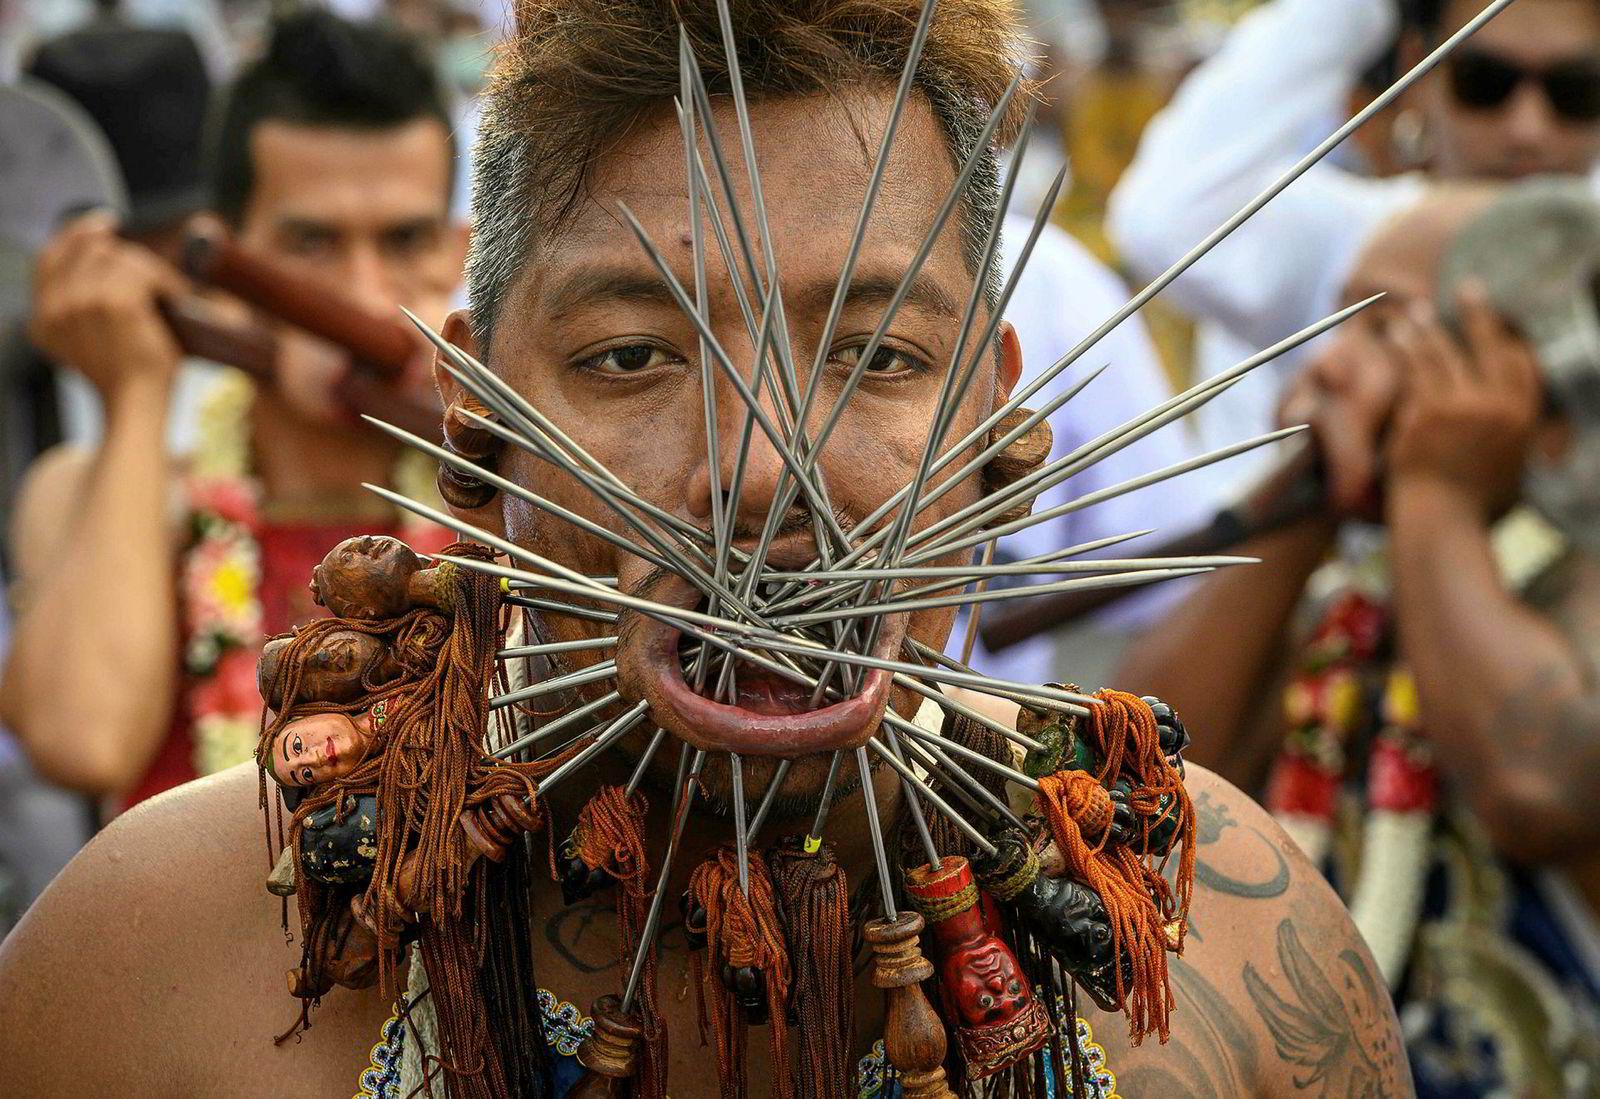 En festivaldeltager har stukket spyd gjennom kinnene under den årlige vegetarfestivalen i Phuket. Festivalen begynner den første kvelden i den niende månemåneden og varer i ni dager, med mange religiøse hengivne som slynger seg med sverd, gjennomborer kinnene med skarpe gjenstander og begikk andre smertefulle handlinger for å rense seg selv og påta seg fellesskapets synder.